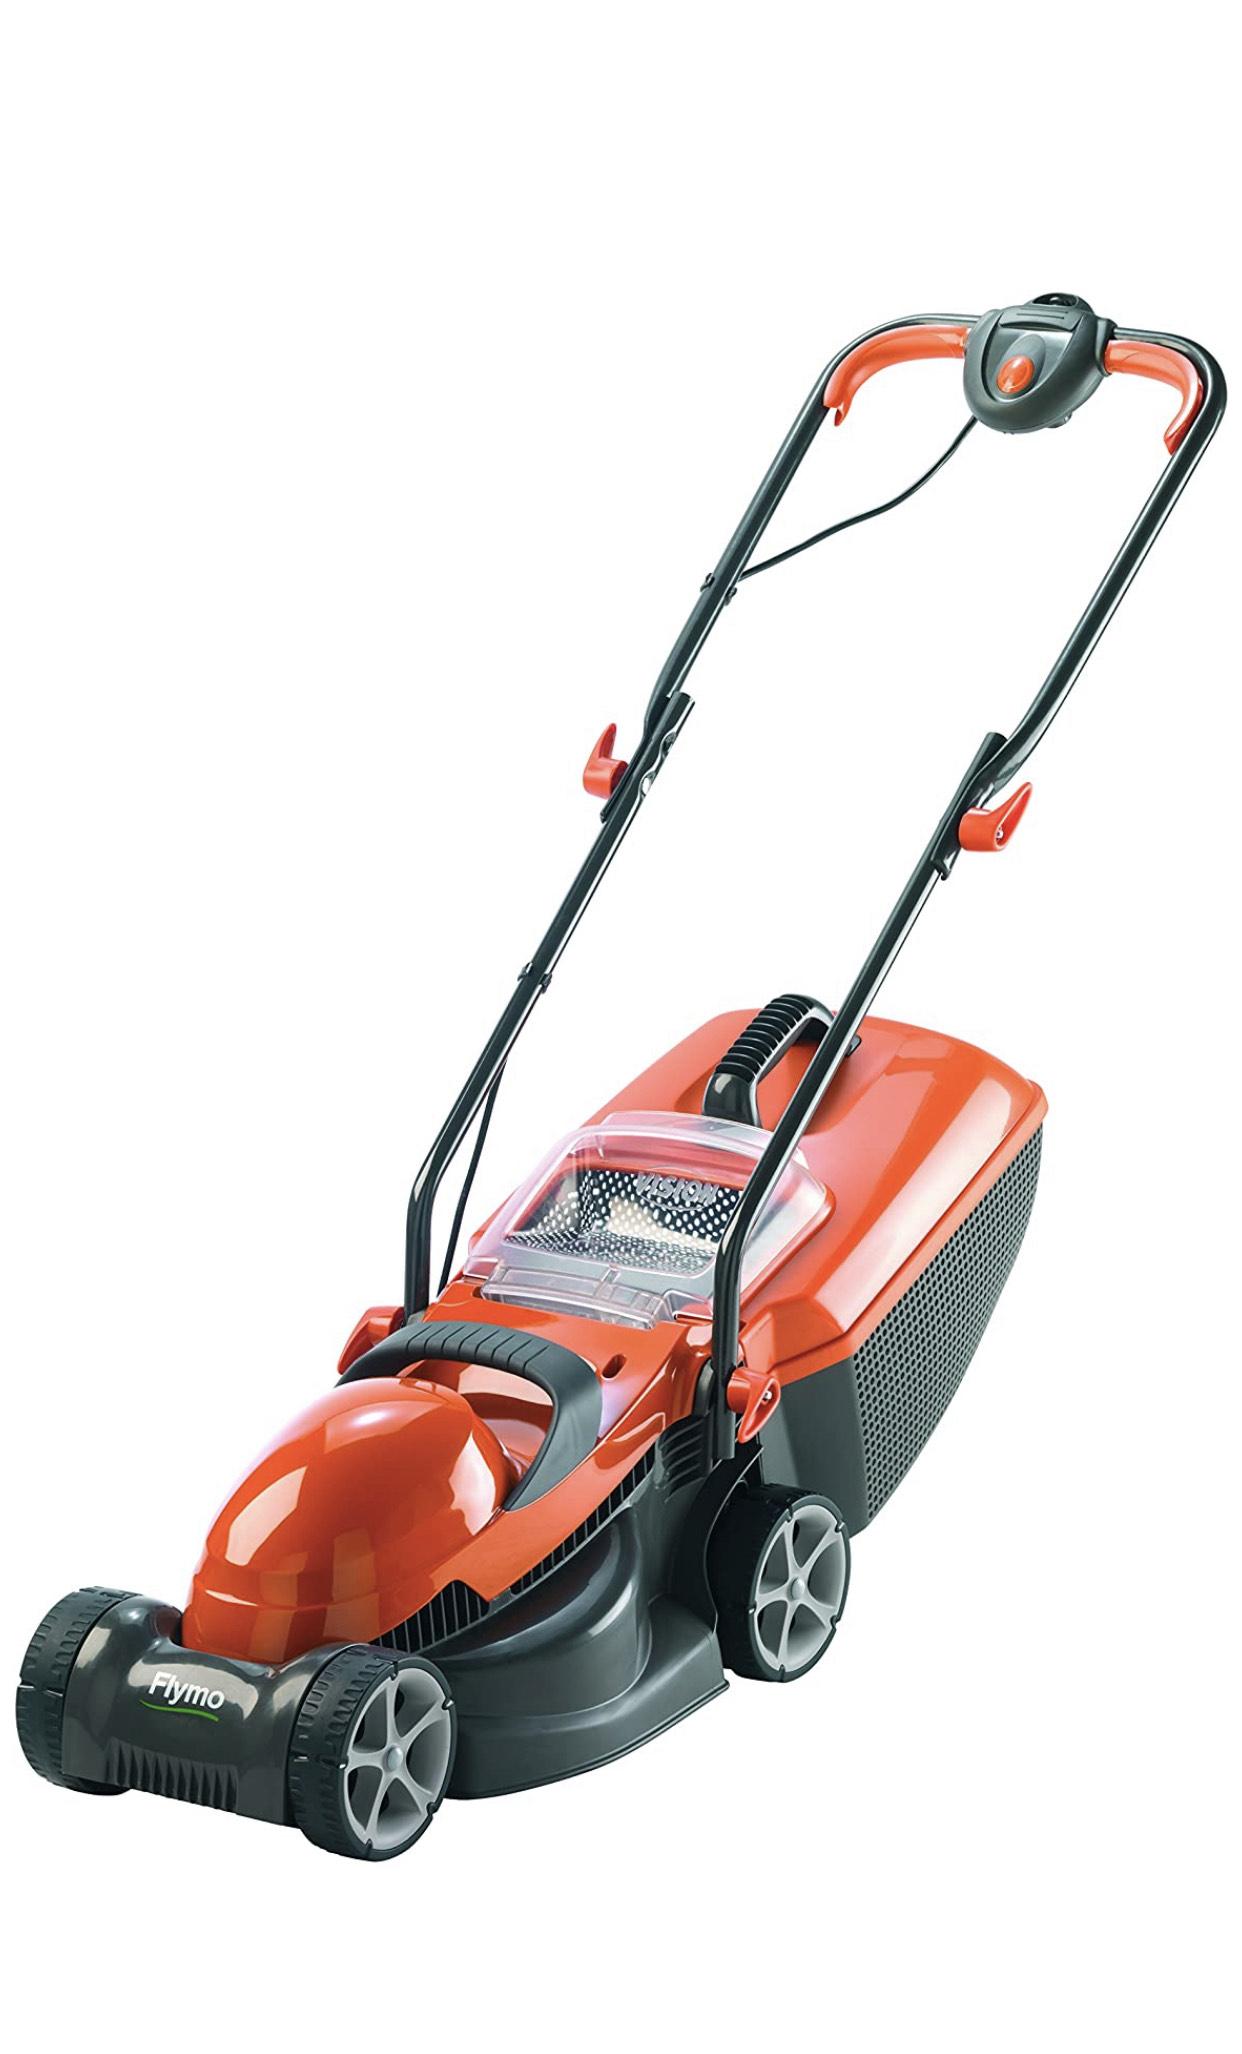 Flymo Chevron 32V Electric Wheeled Lawn Mower, 1200 W, Cutting Width 32 cm £65 at Amazon